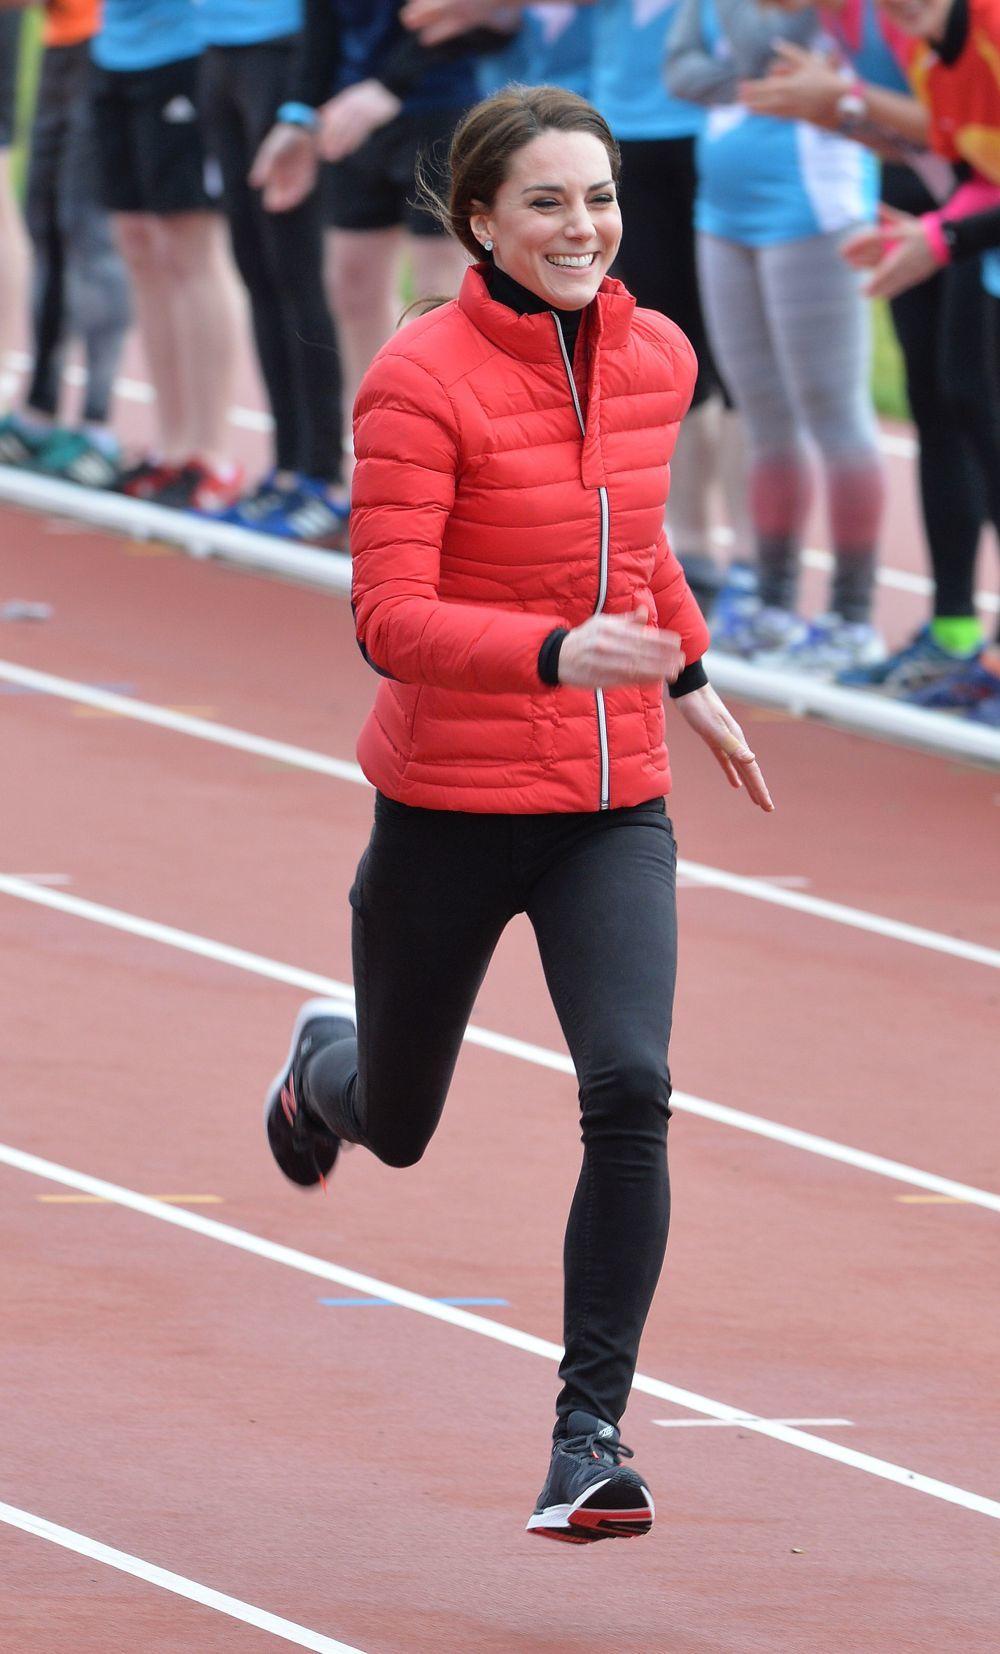 La Duquesa de Cambridge practica deportes como el running.